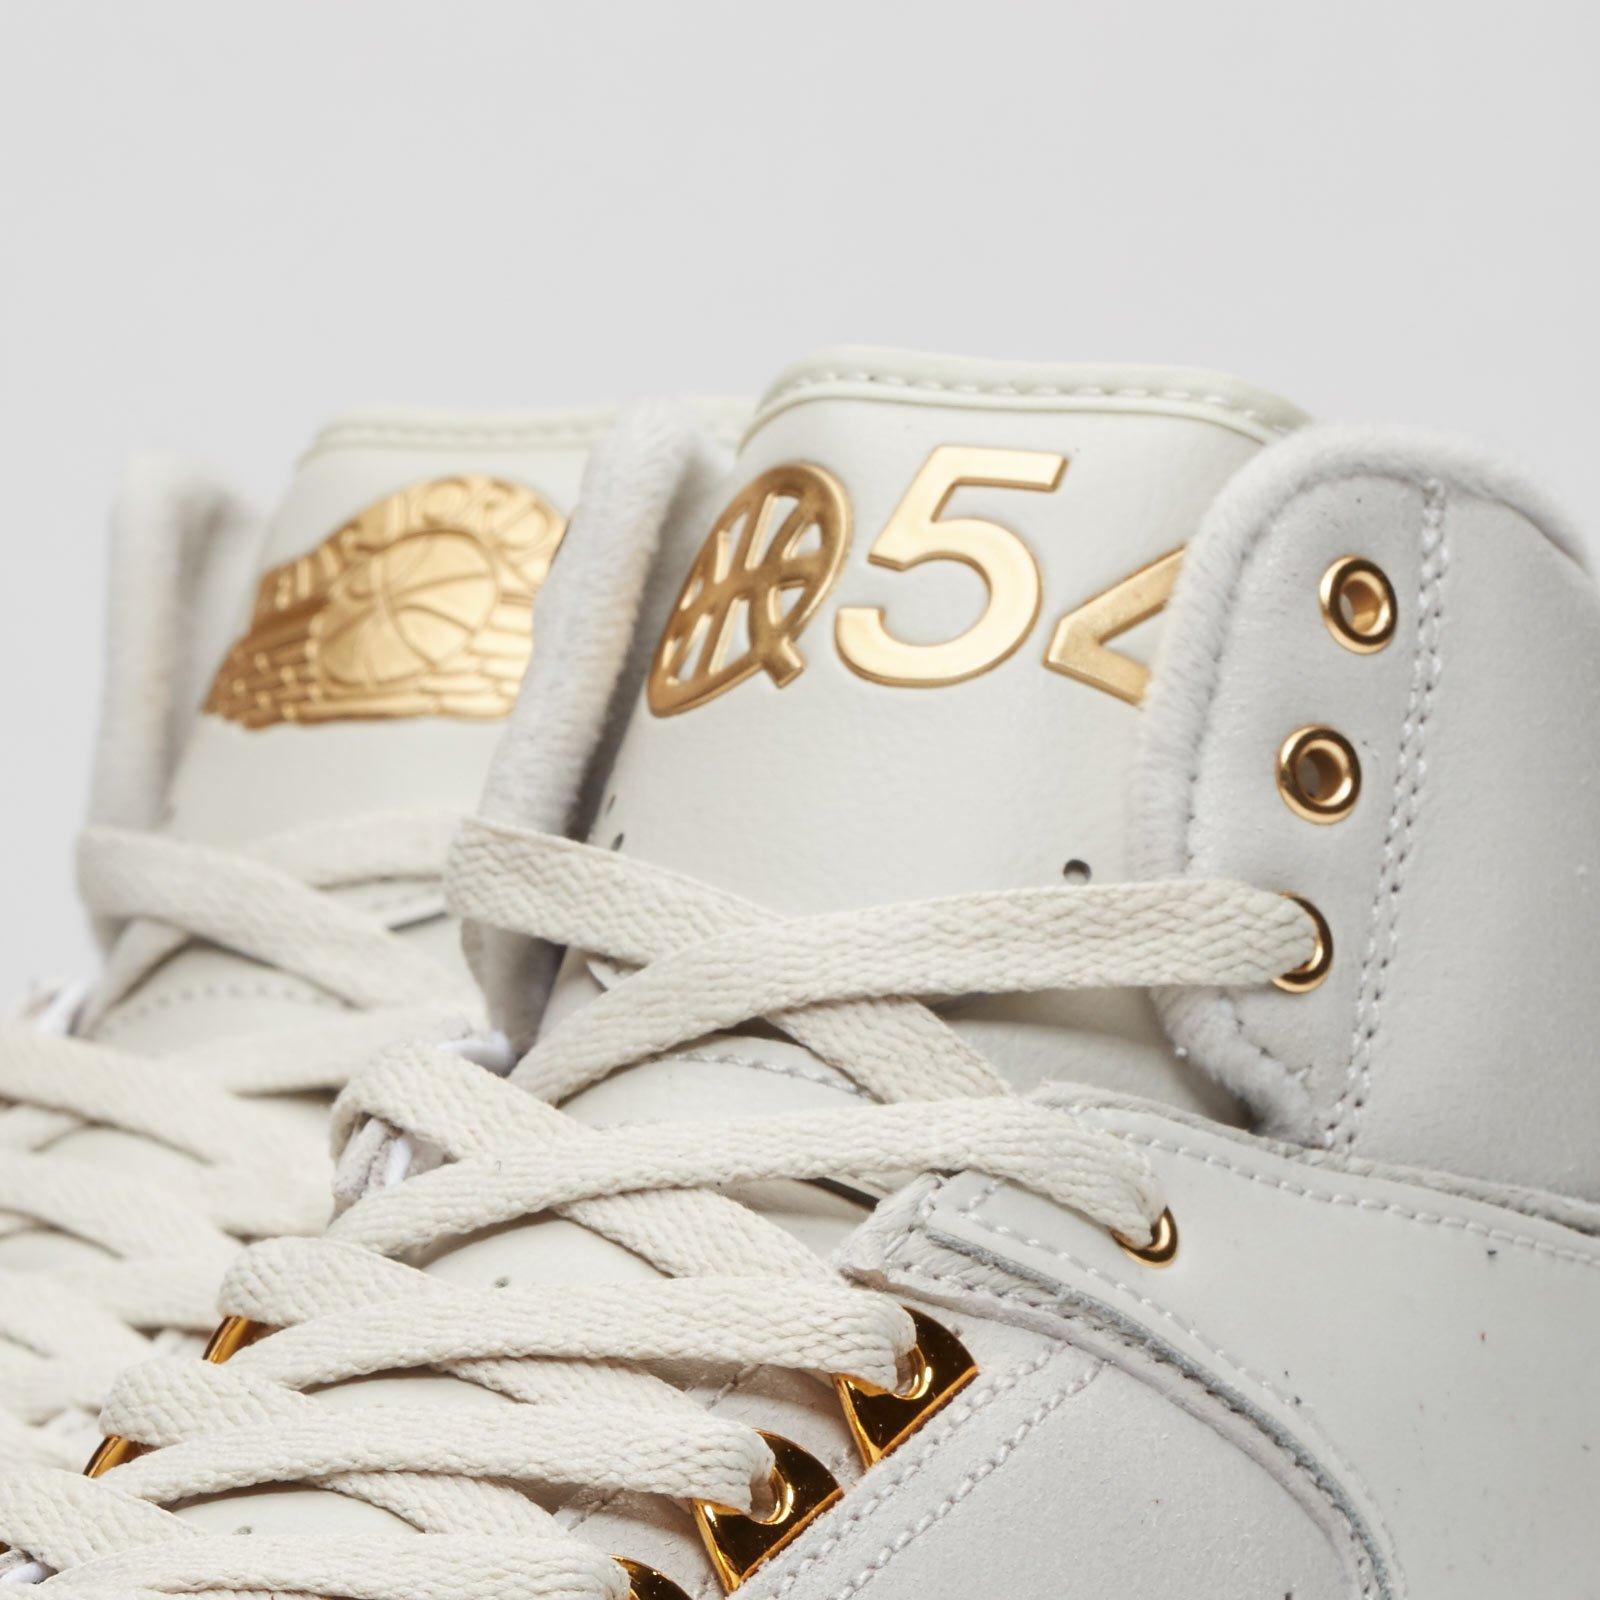 promo code 17e53 12202 Jordan Brand Air Jordan 2 Q54 - 866035-001 - Sneakersnstuff ...